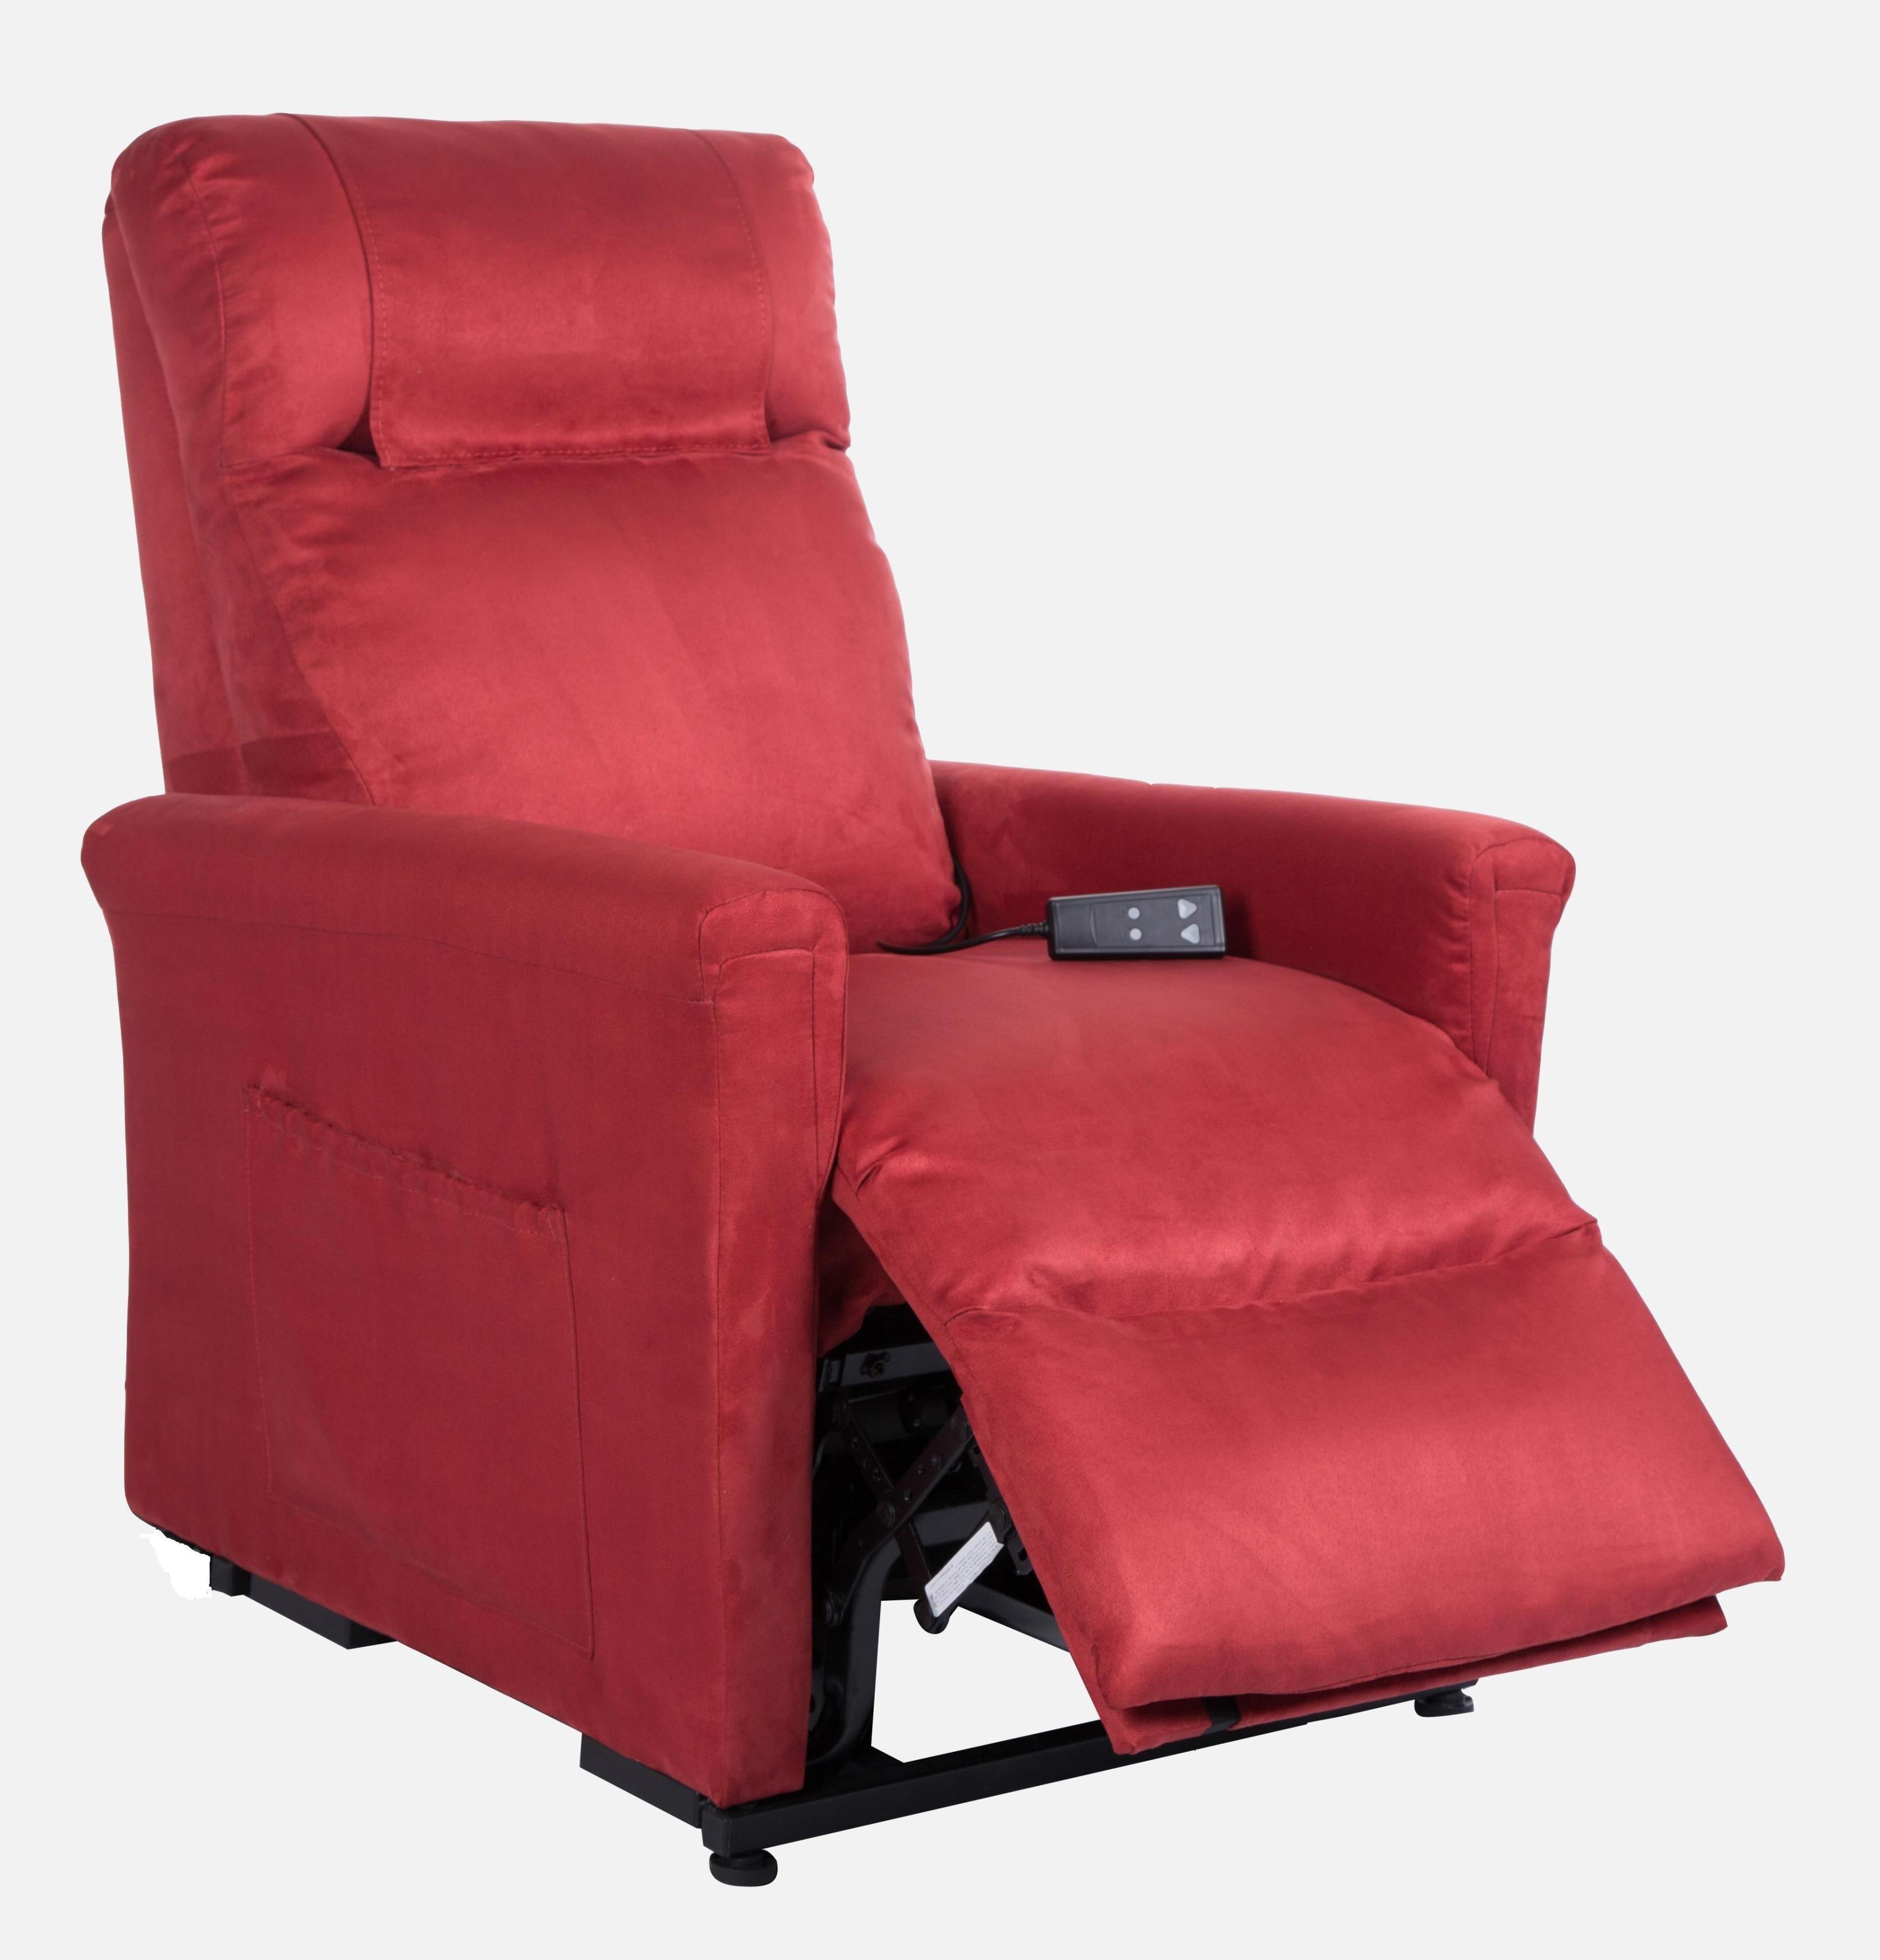 Poltona reclinabile dalila alza persona ad un motore vibro for Poltrona reclinabile